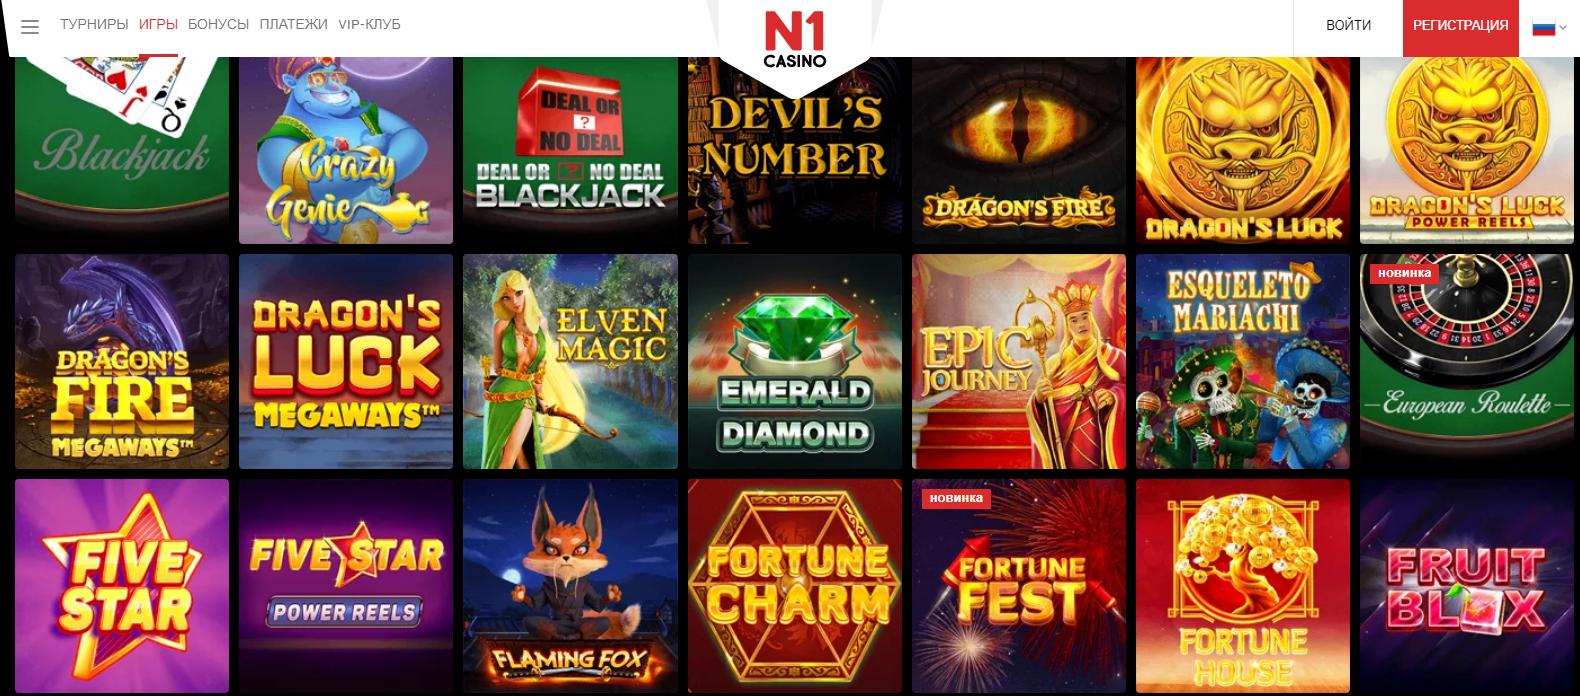 Почему сеть казино N1 Partners не добавила провайдер Red Tiger Gaming раньше?